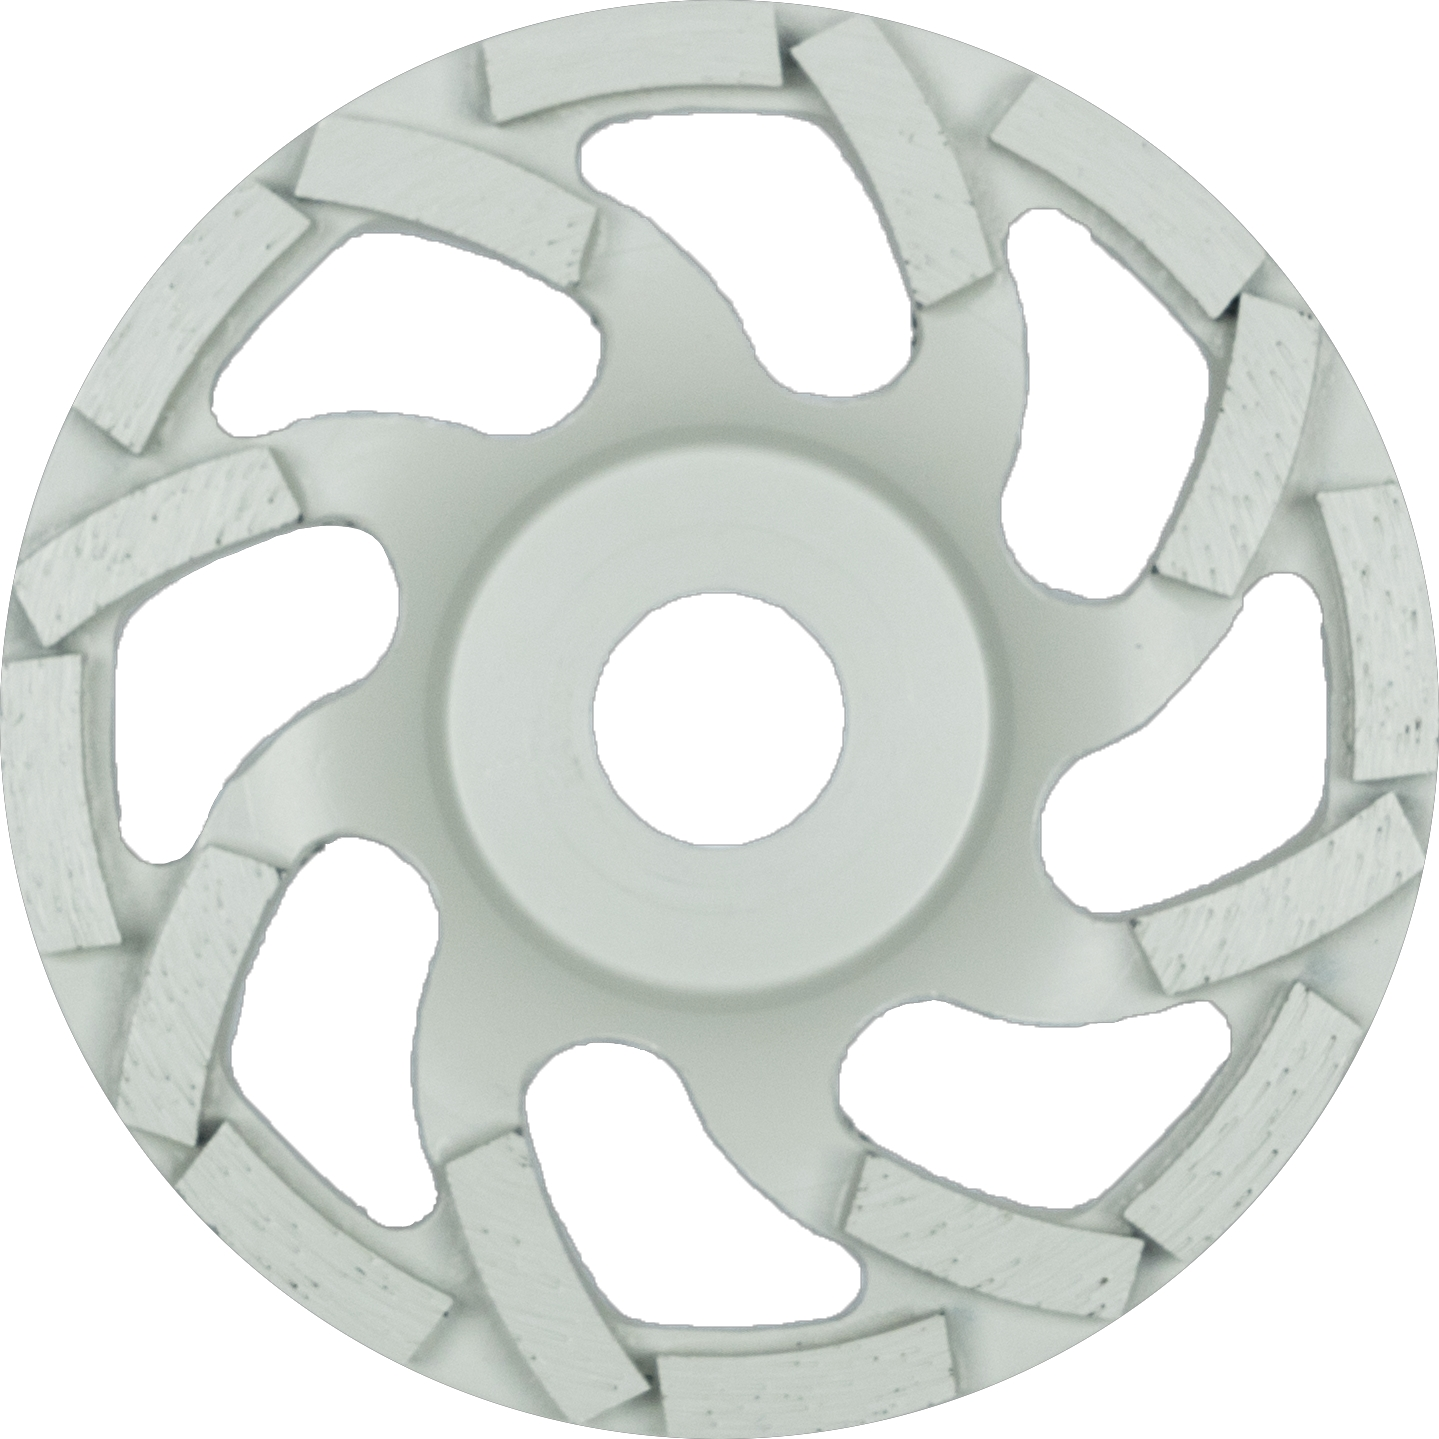 Klingspor DS 600 S Diamantschleifteller, 100 x 7,2 x 22,23 mm 16 Segmente 7,2 x 5,5 mm, Spezialgeometrie | 331022